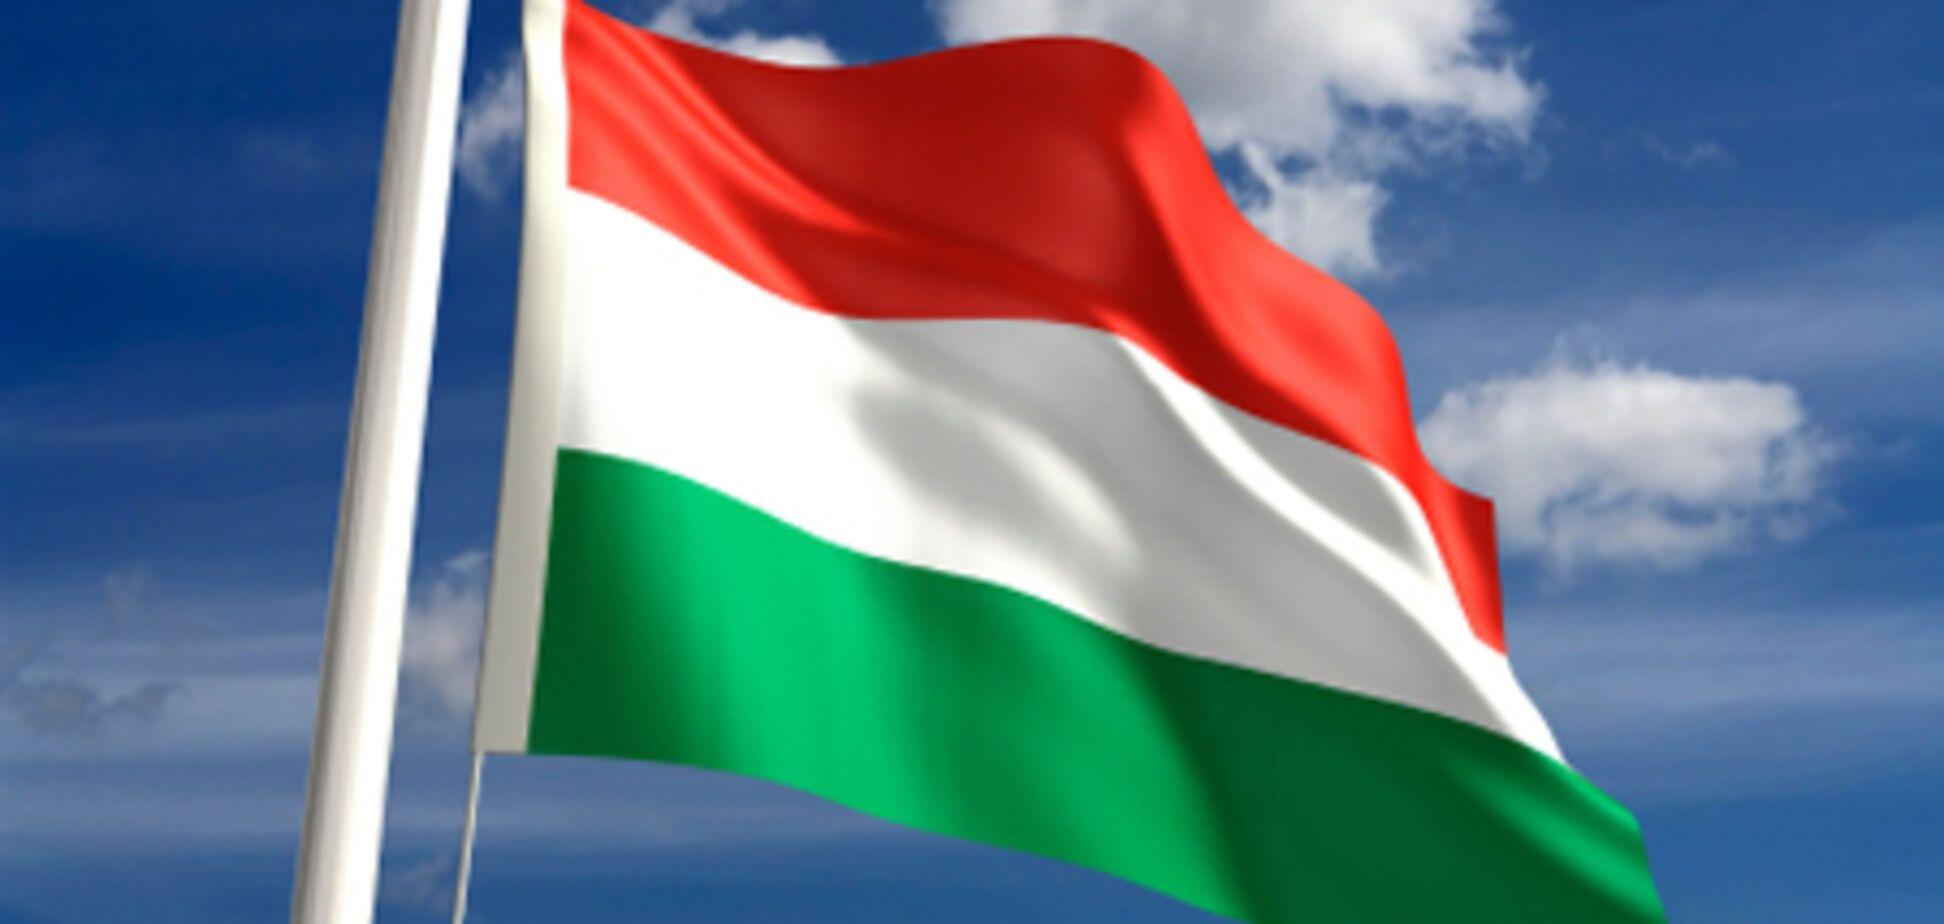 Венгрия попала в дипломатический скандал из-за ковра